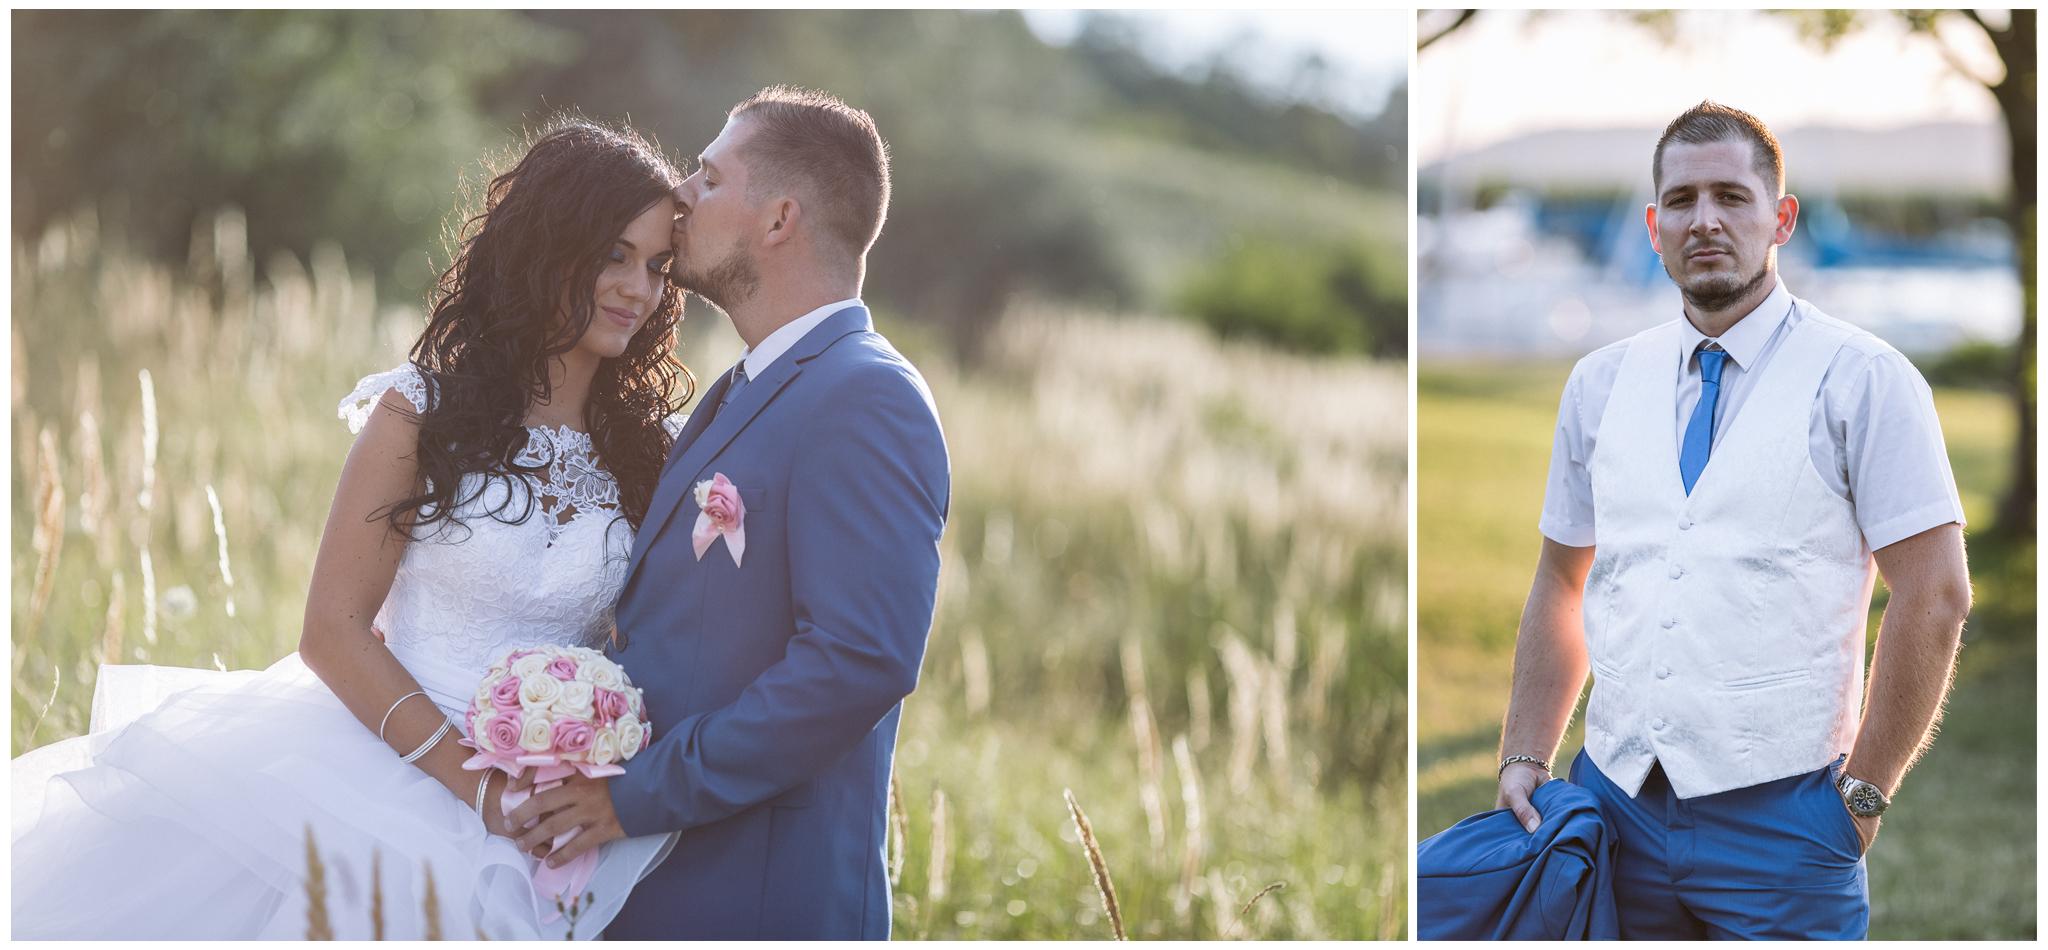 FylepPhoto, esküvőfotózás, magyarország, esküvői fotós, vasmegye, prémium, jegyesfotózás, Fülöp Péter 20.jpg